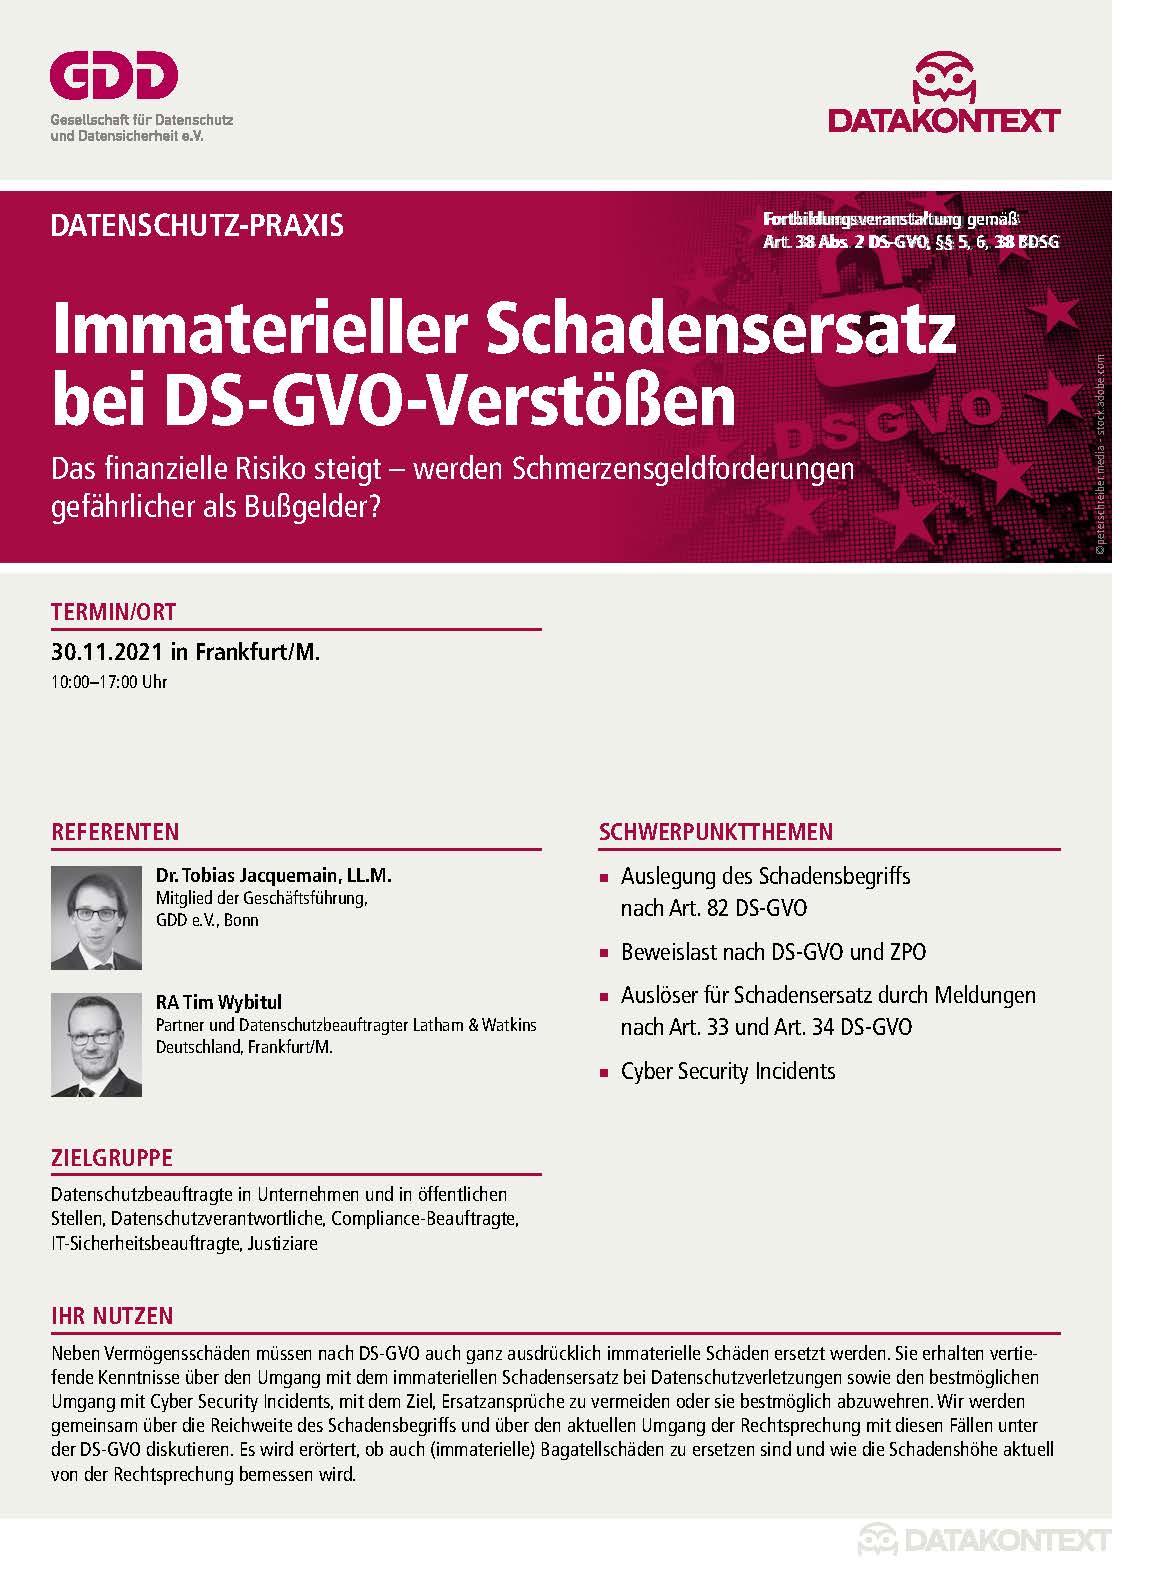 Immaterieller Schadensersatz bei DS-GVO-Verstößen